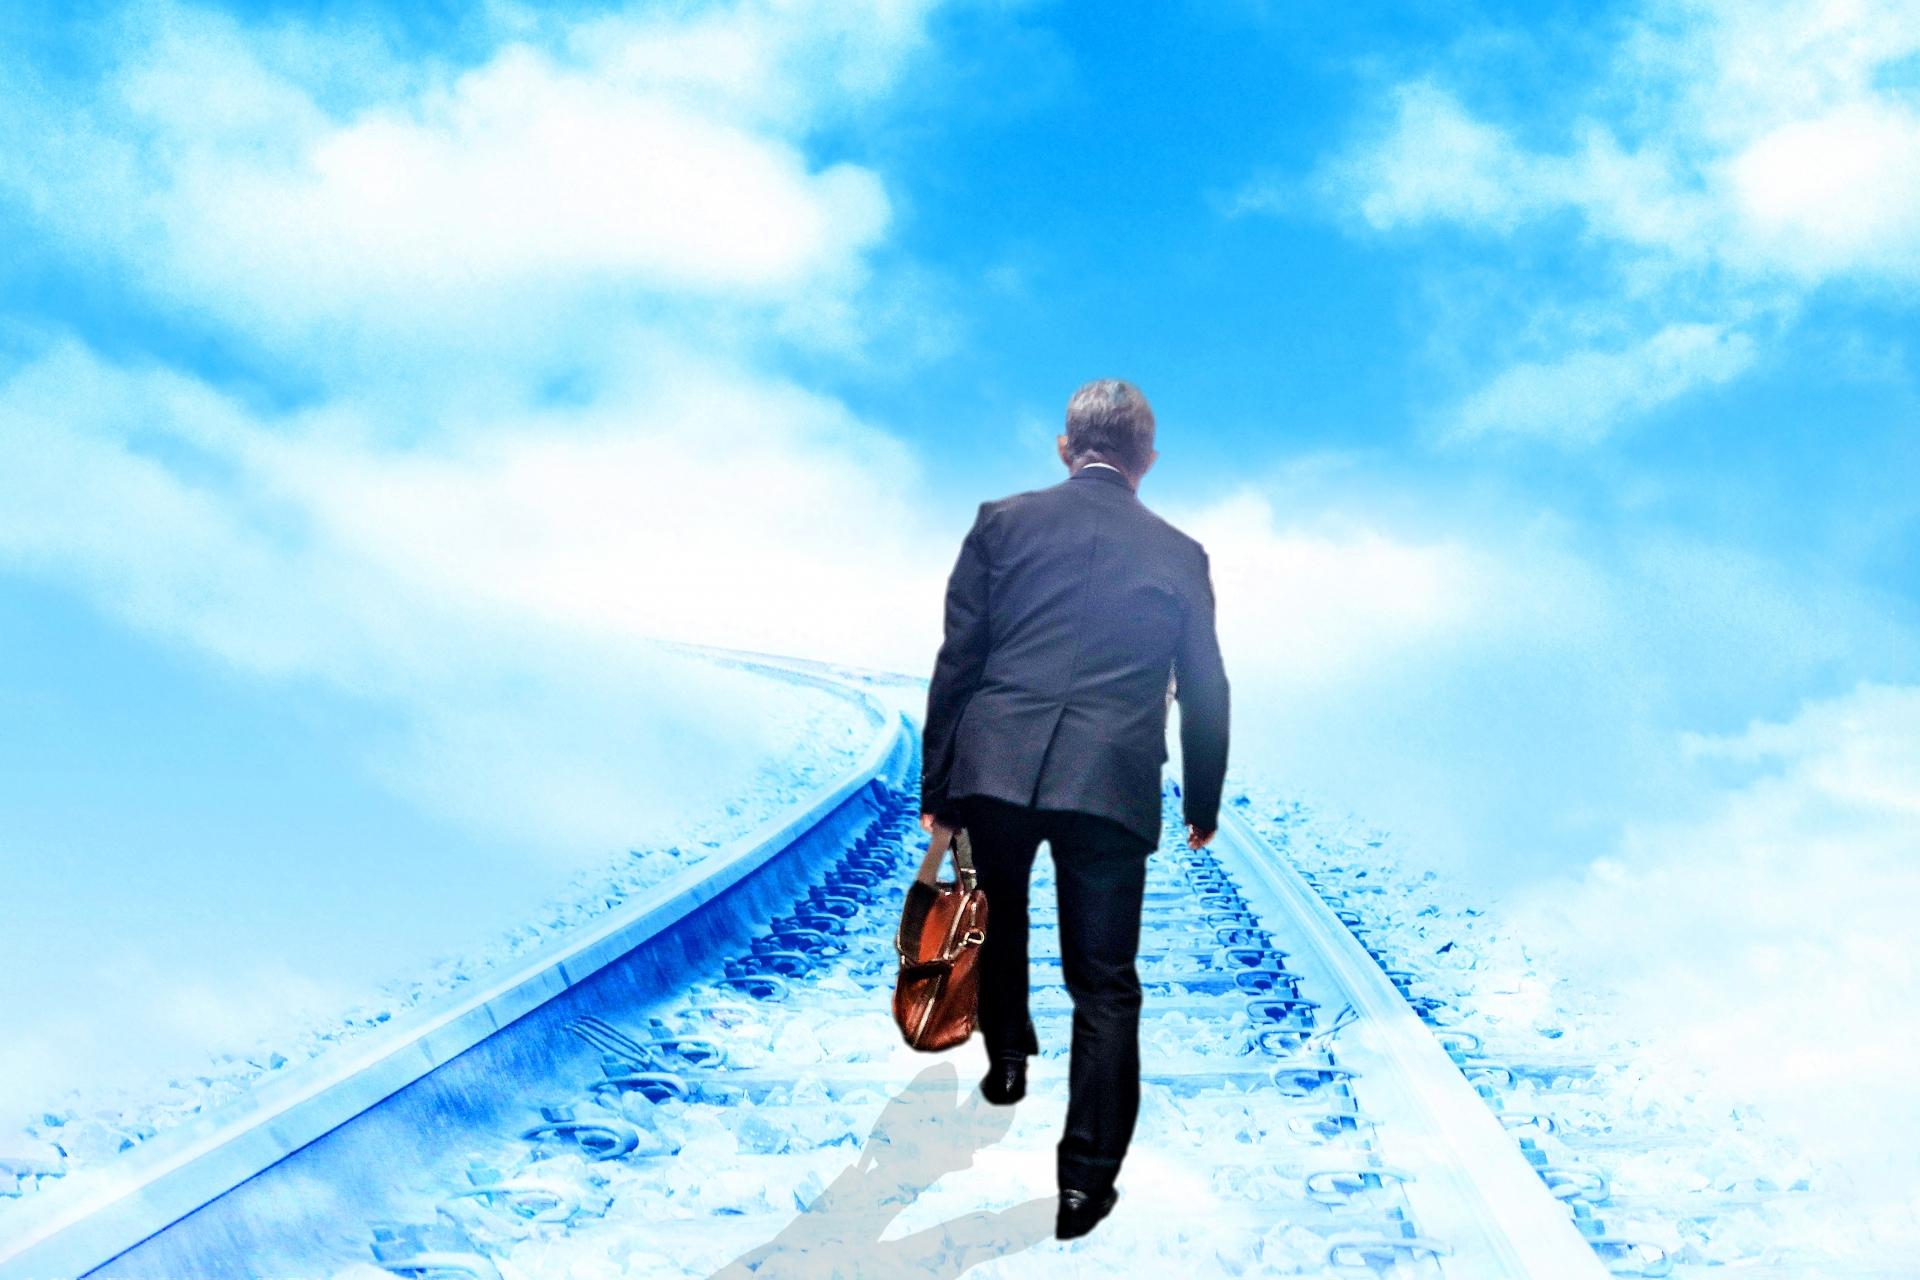 手続きは早急に。退職後の雇用保険離職票発行と正しい提出方法とは